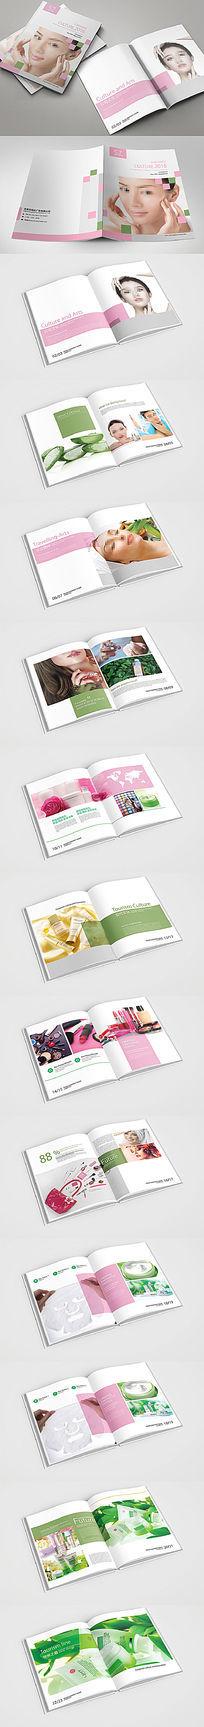 简约化妆品画册